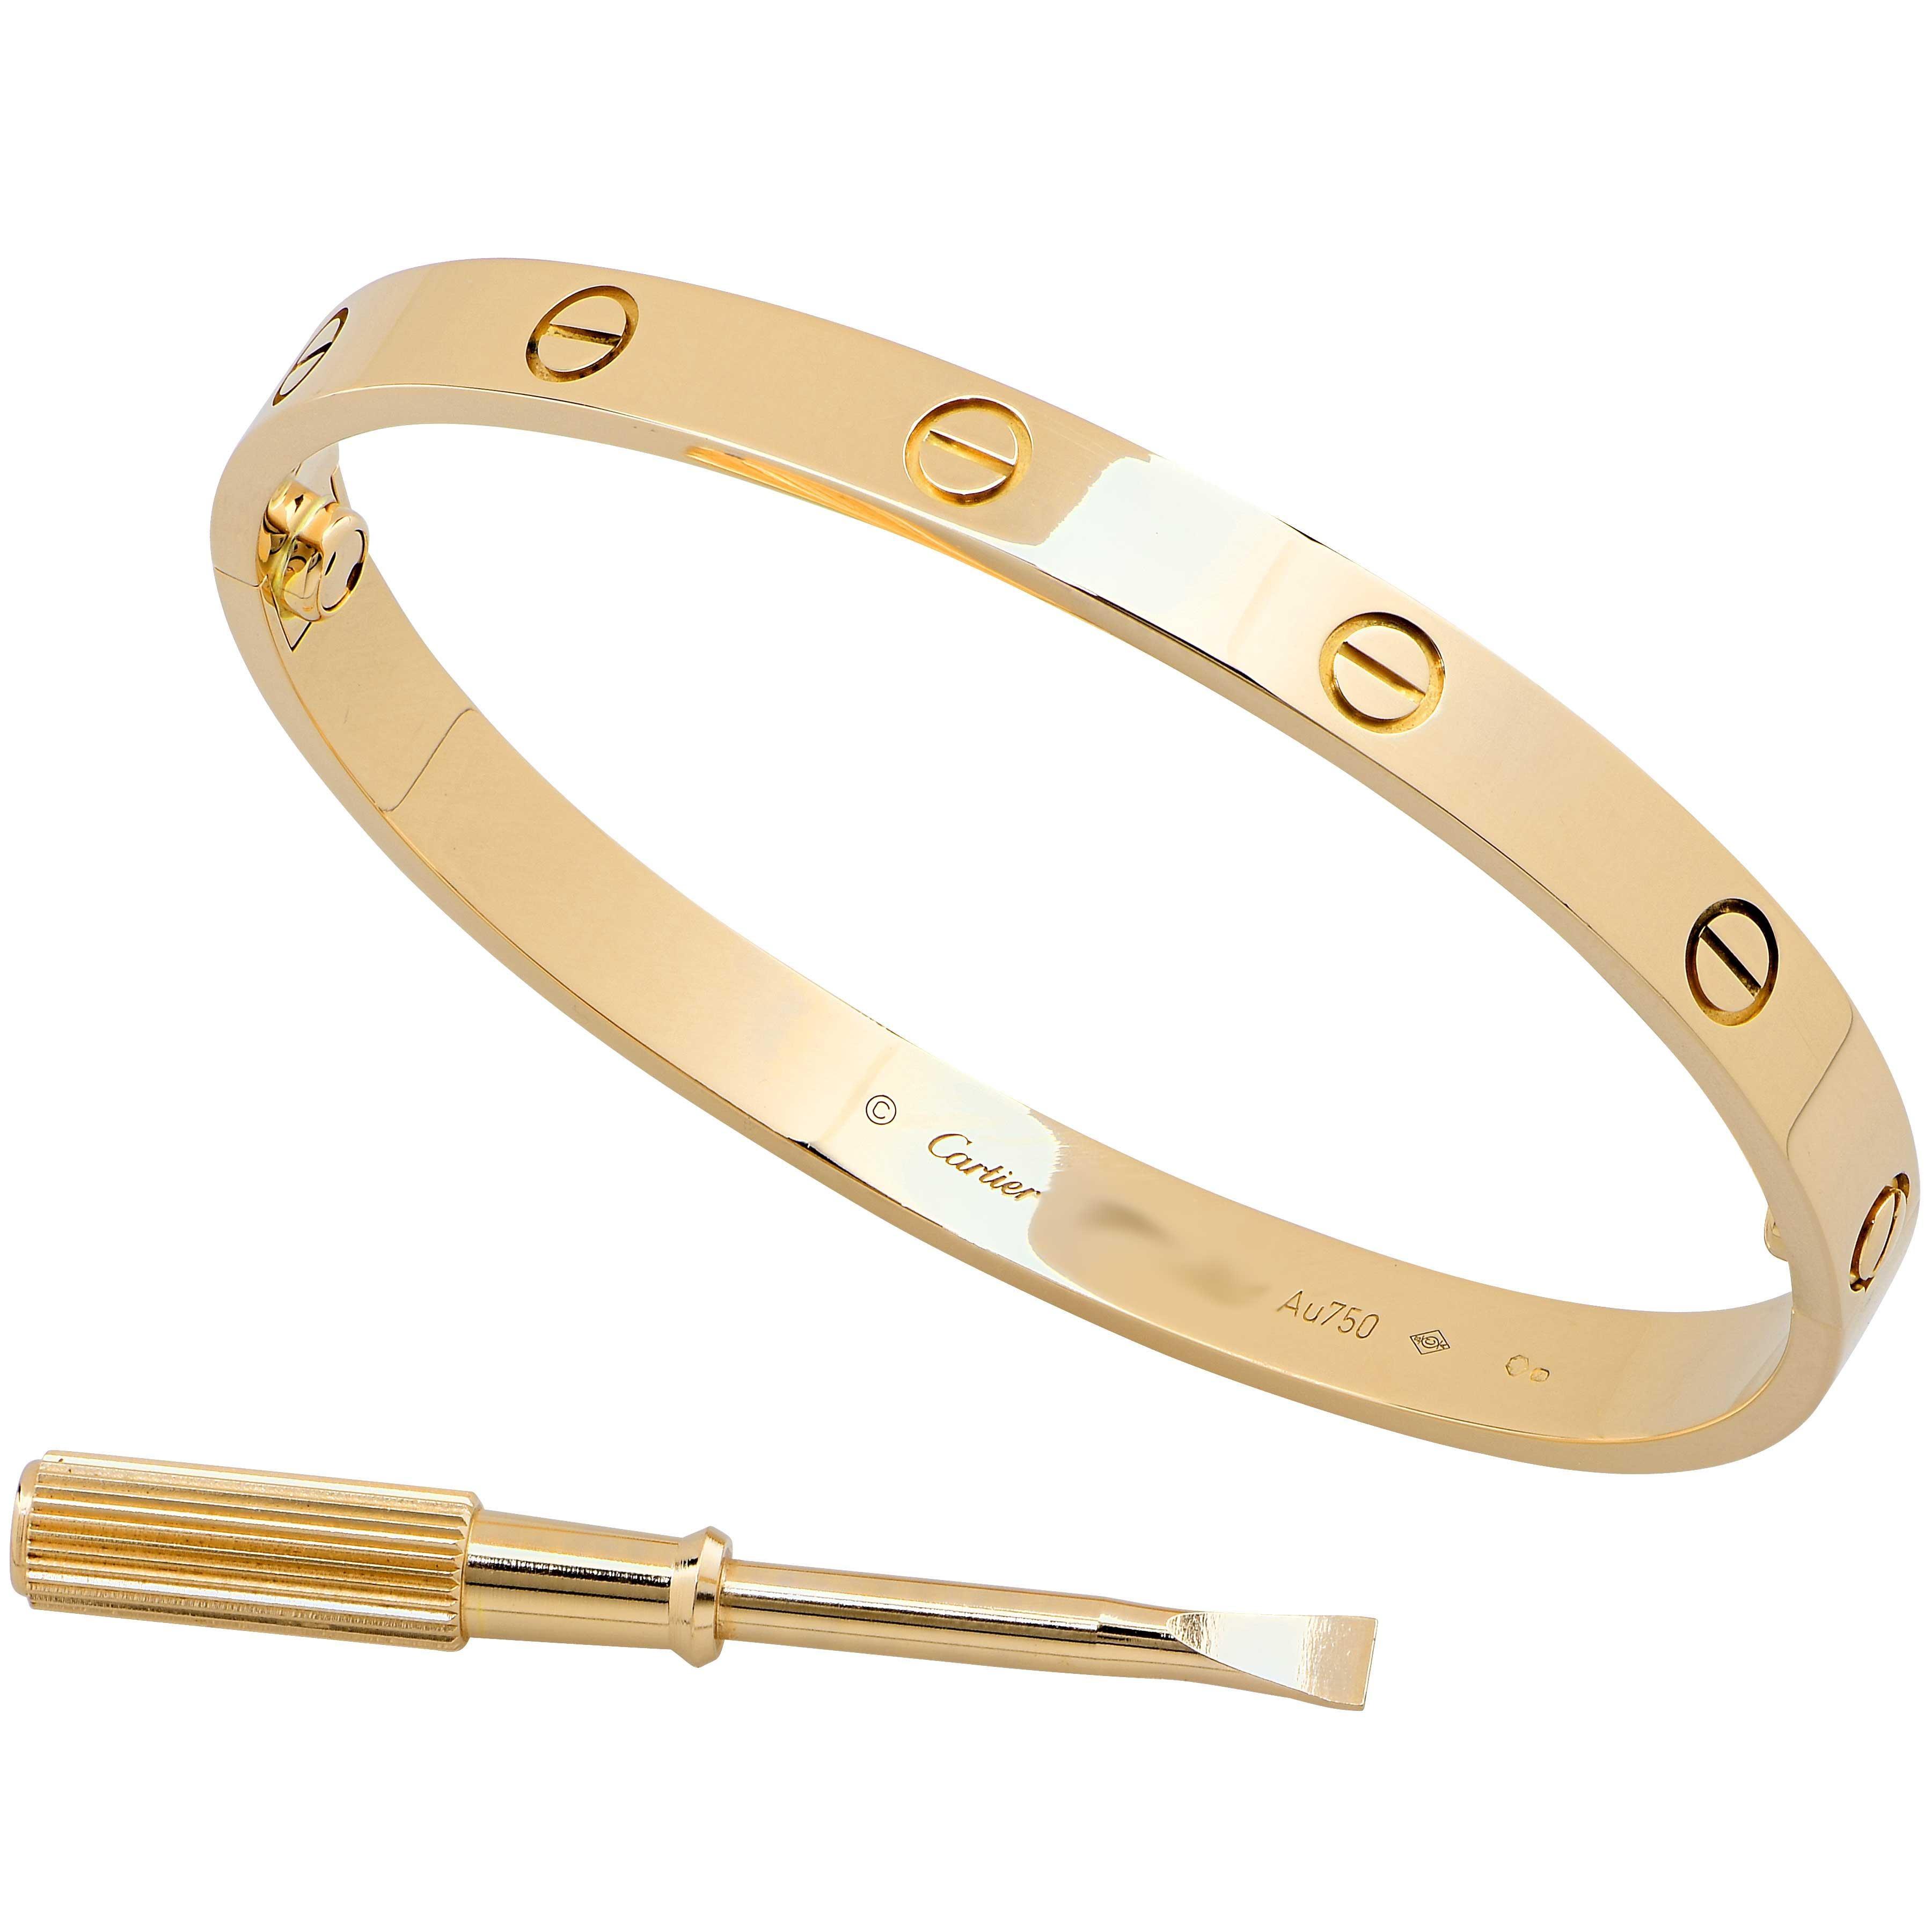 09d3077d05e4e Cartier Love Bracelet 18 Karat Yellow Gold